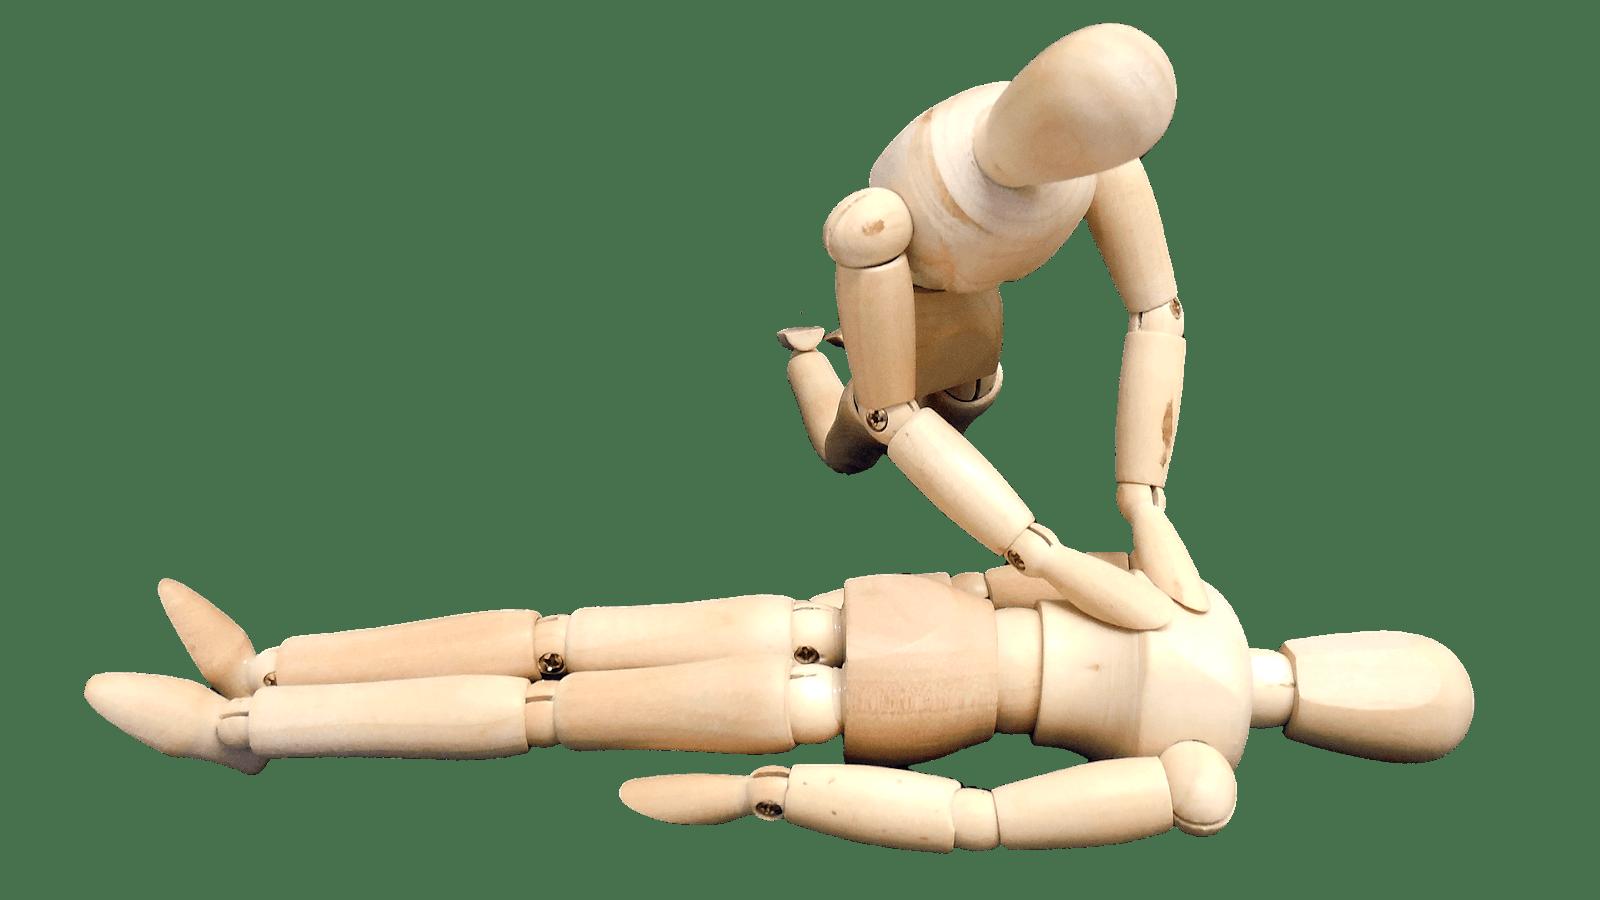 Person utför hjärt och lugnräddning på en liggandes person.